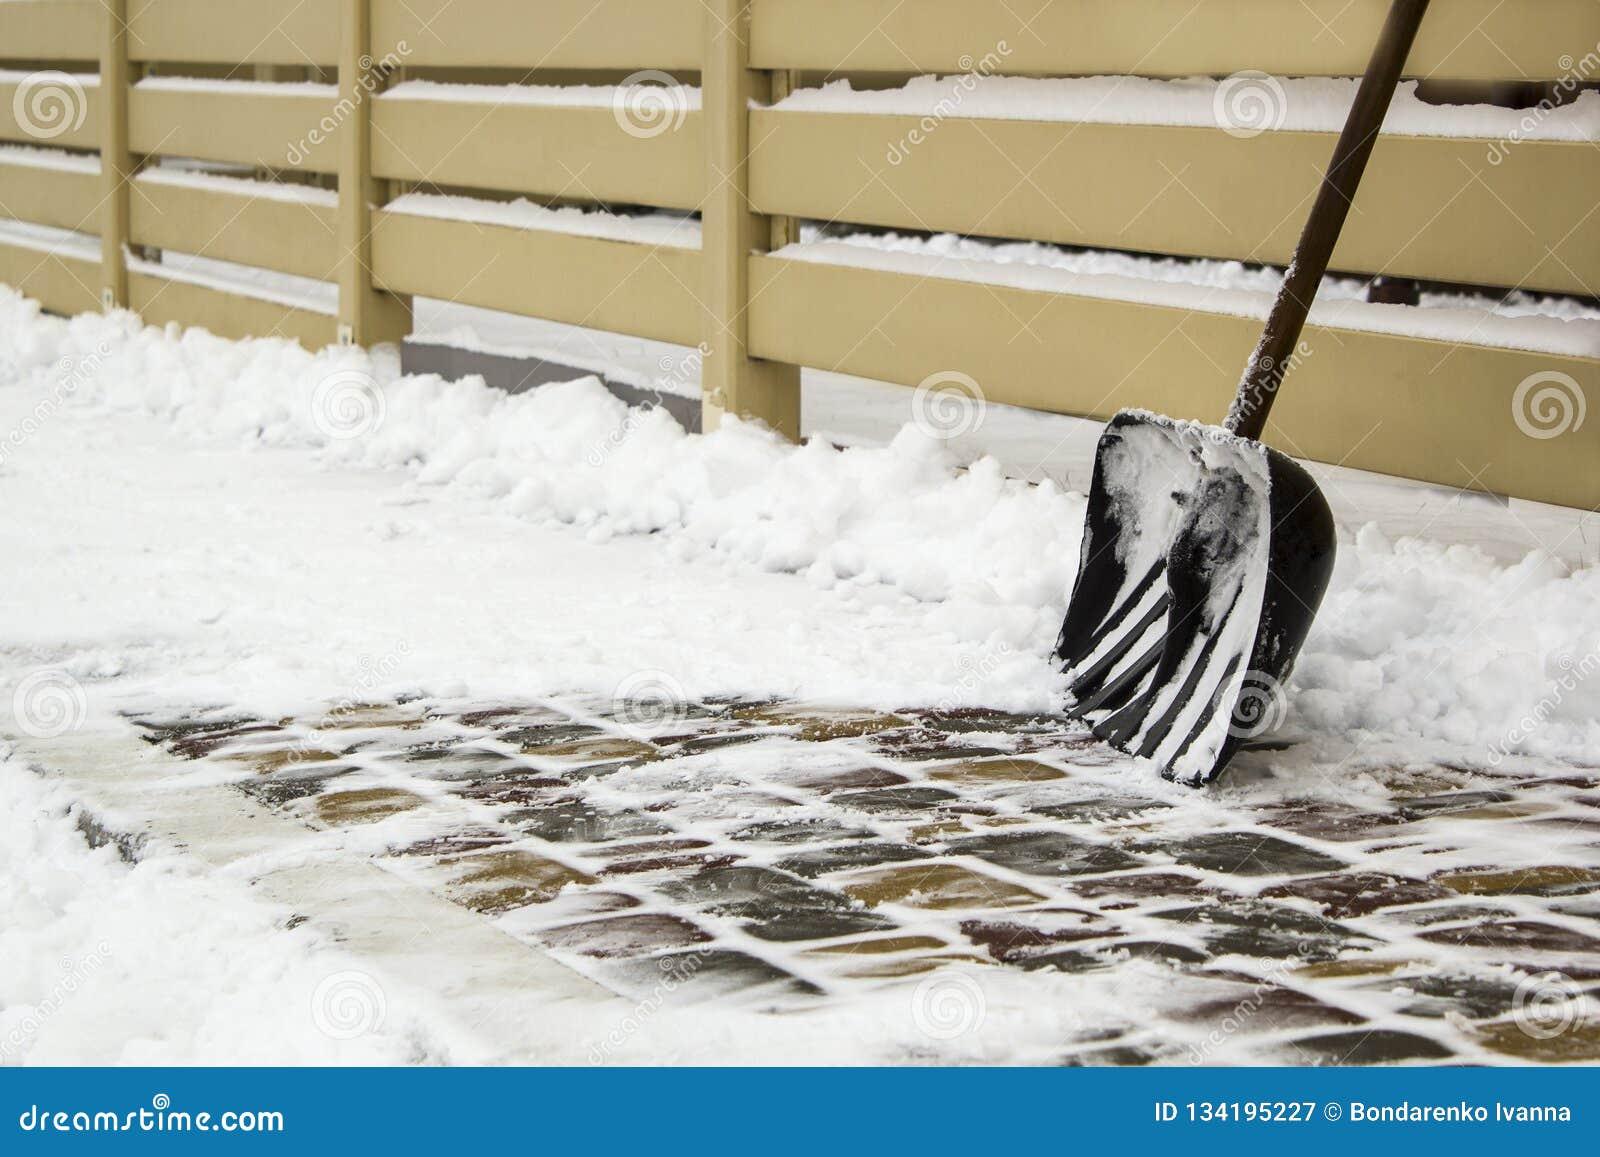 Snöskyffel nära staketet på en snöig väg